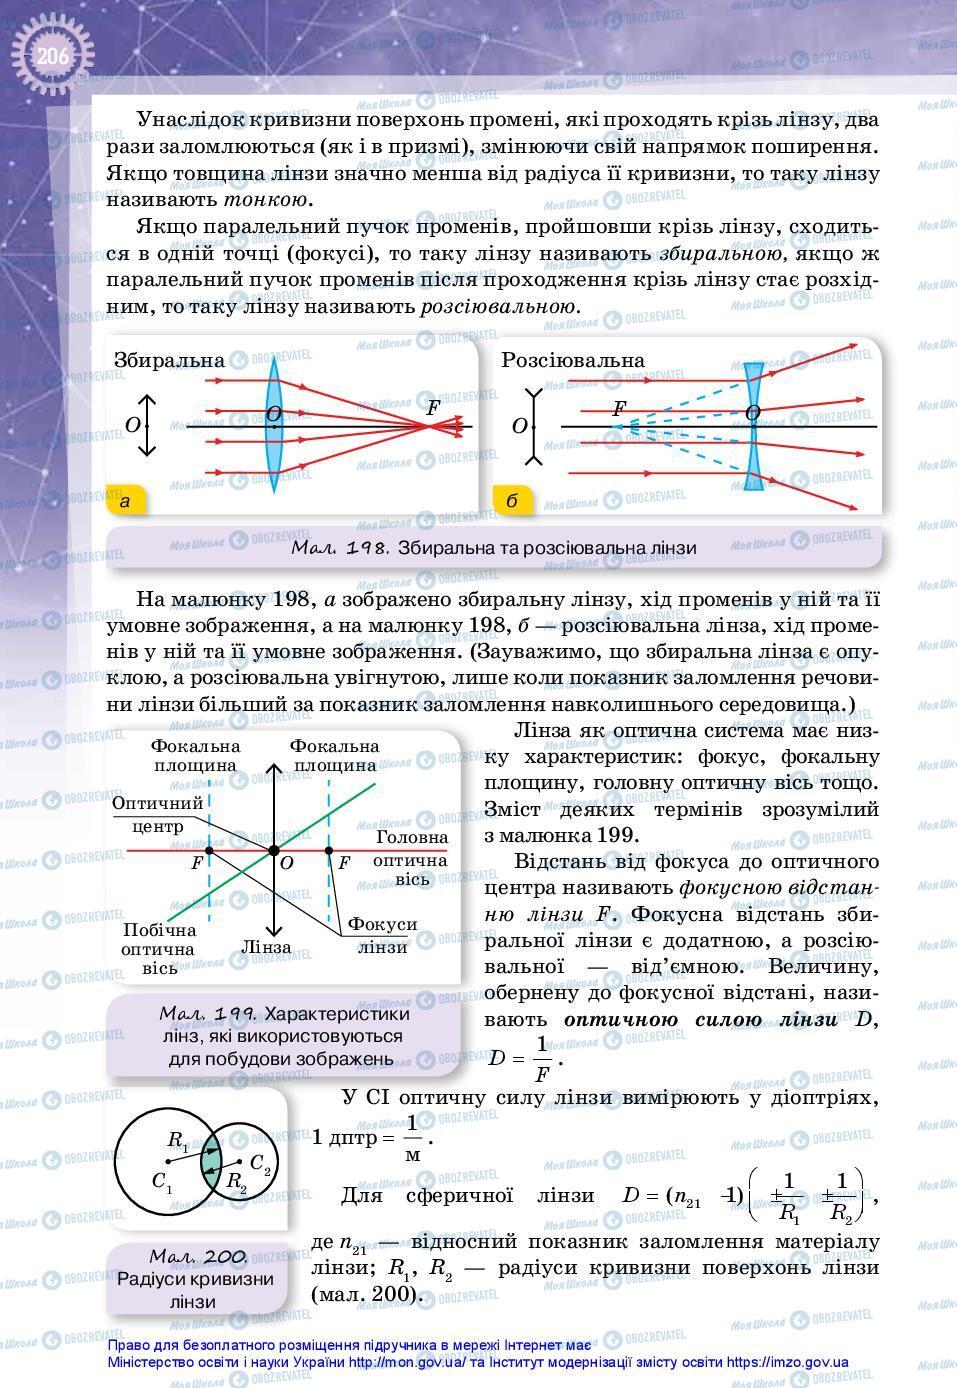 Підручники Фізика 11 клас сторінка 206